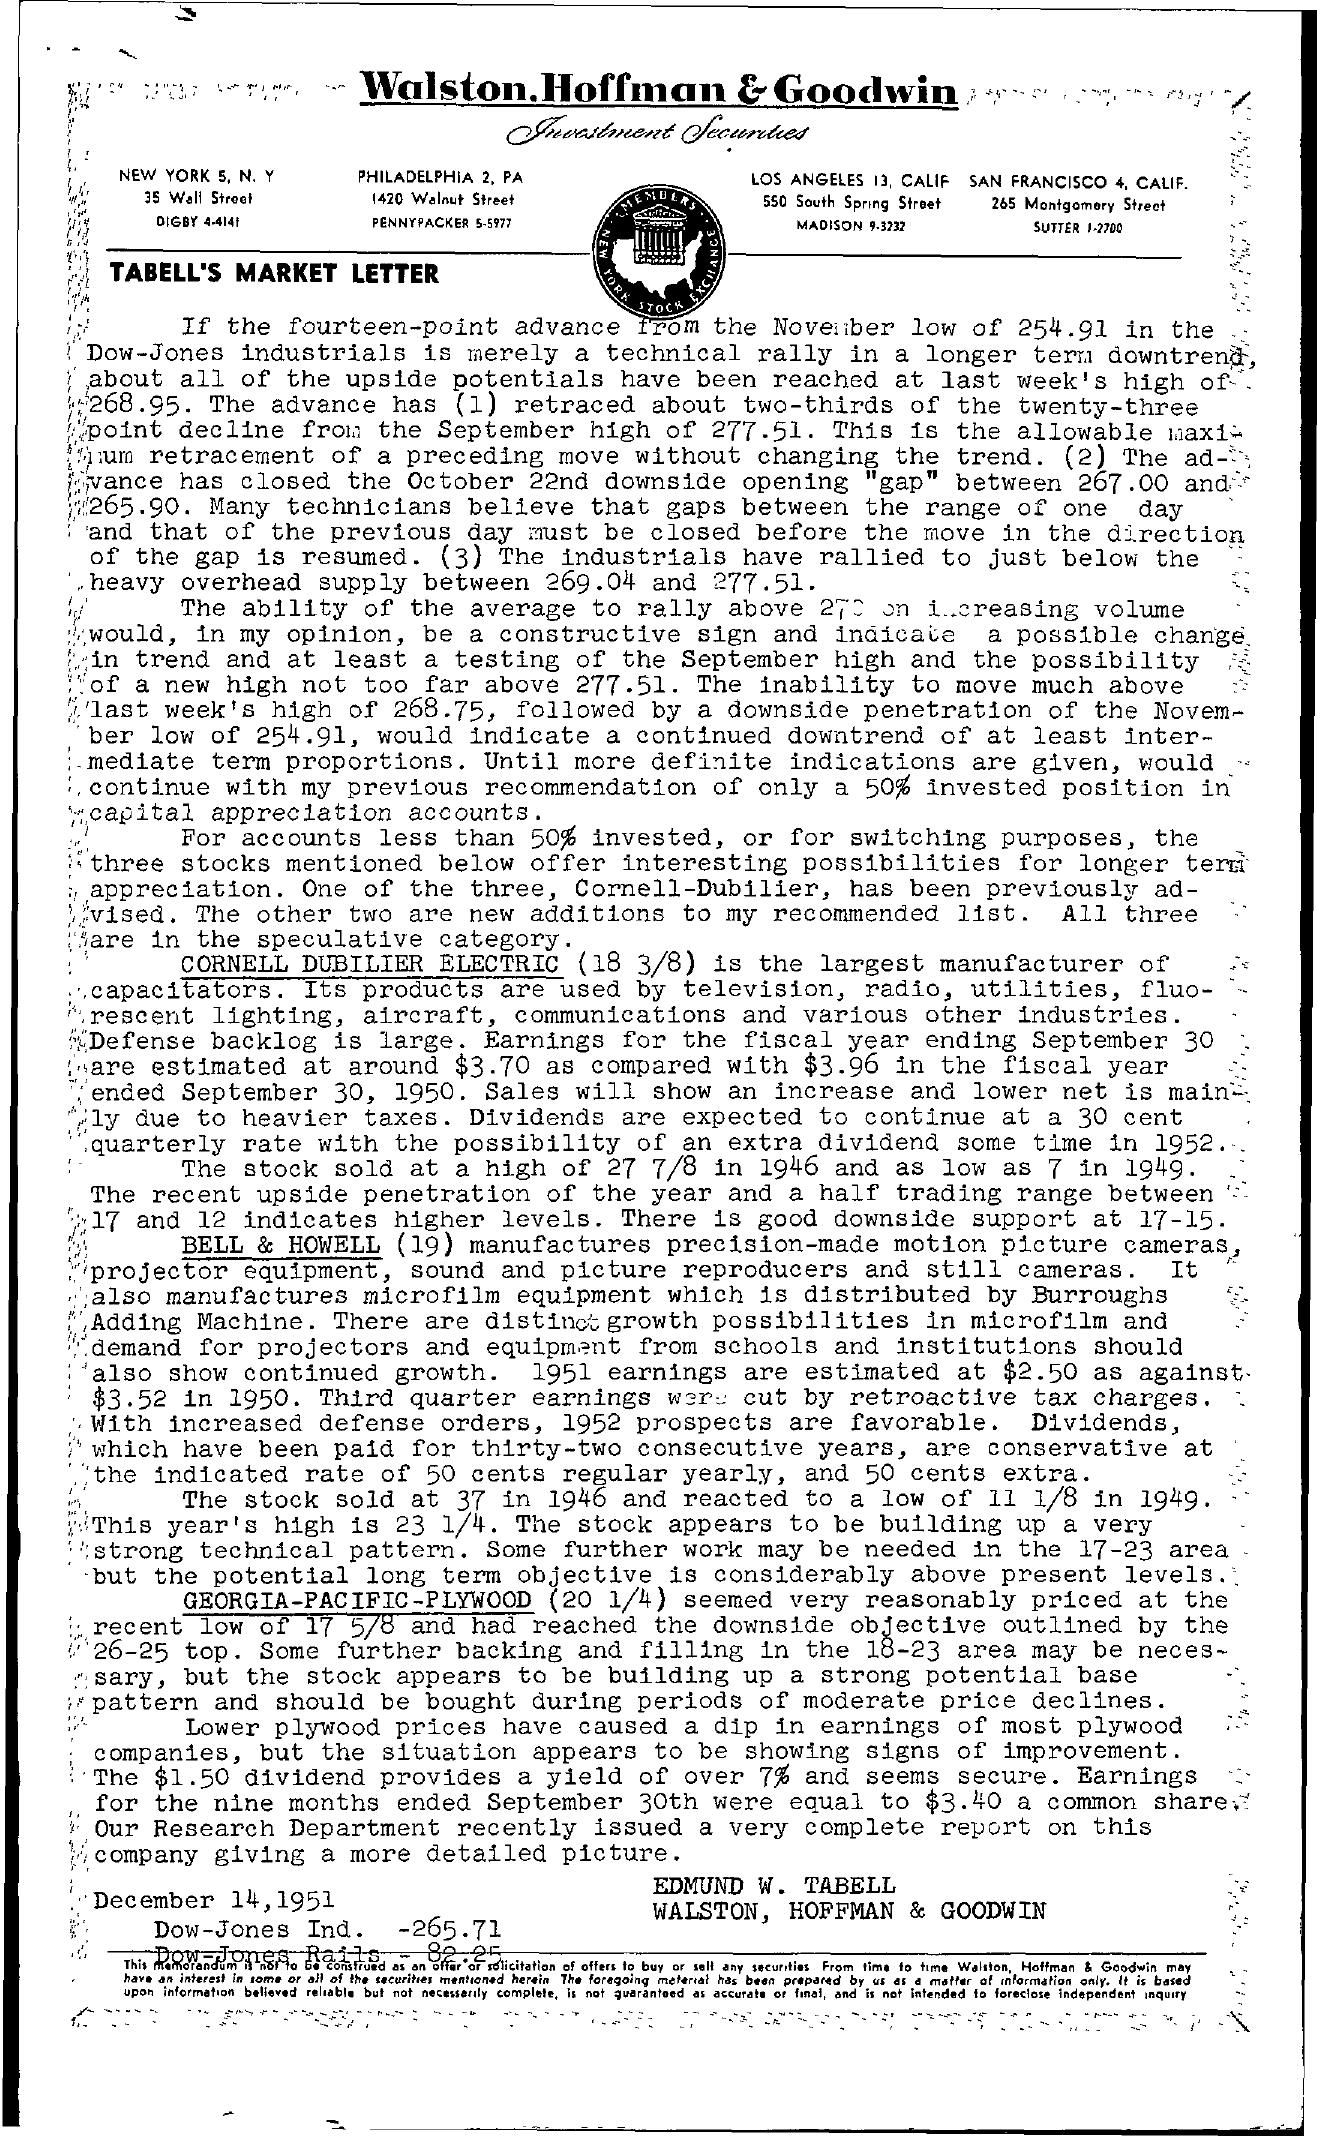 Tabell's Market Letter - December 14, 1951